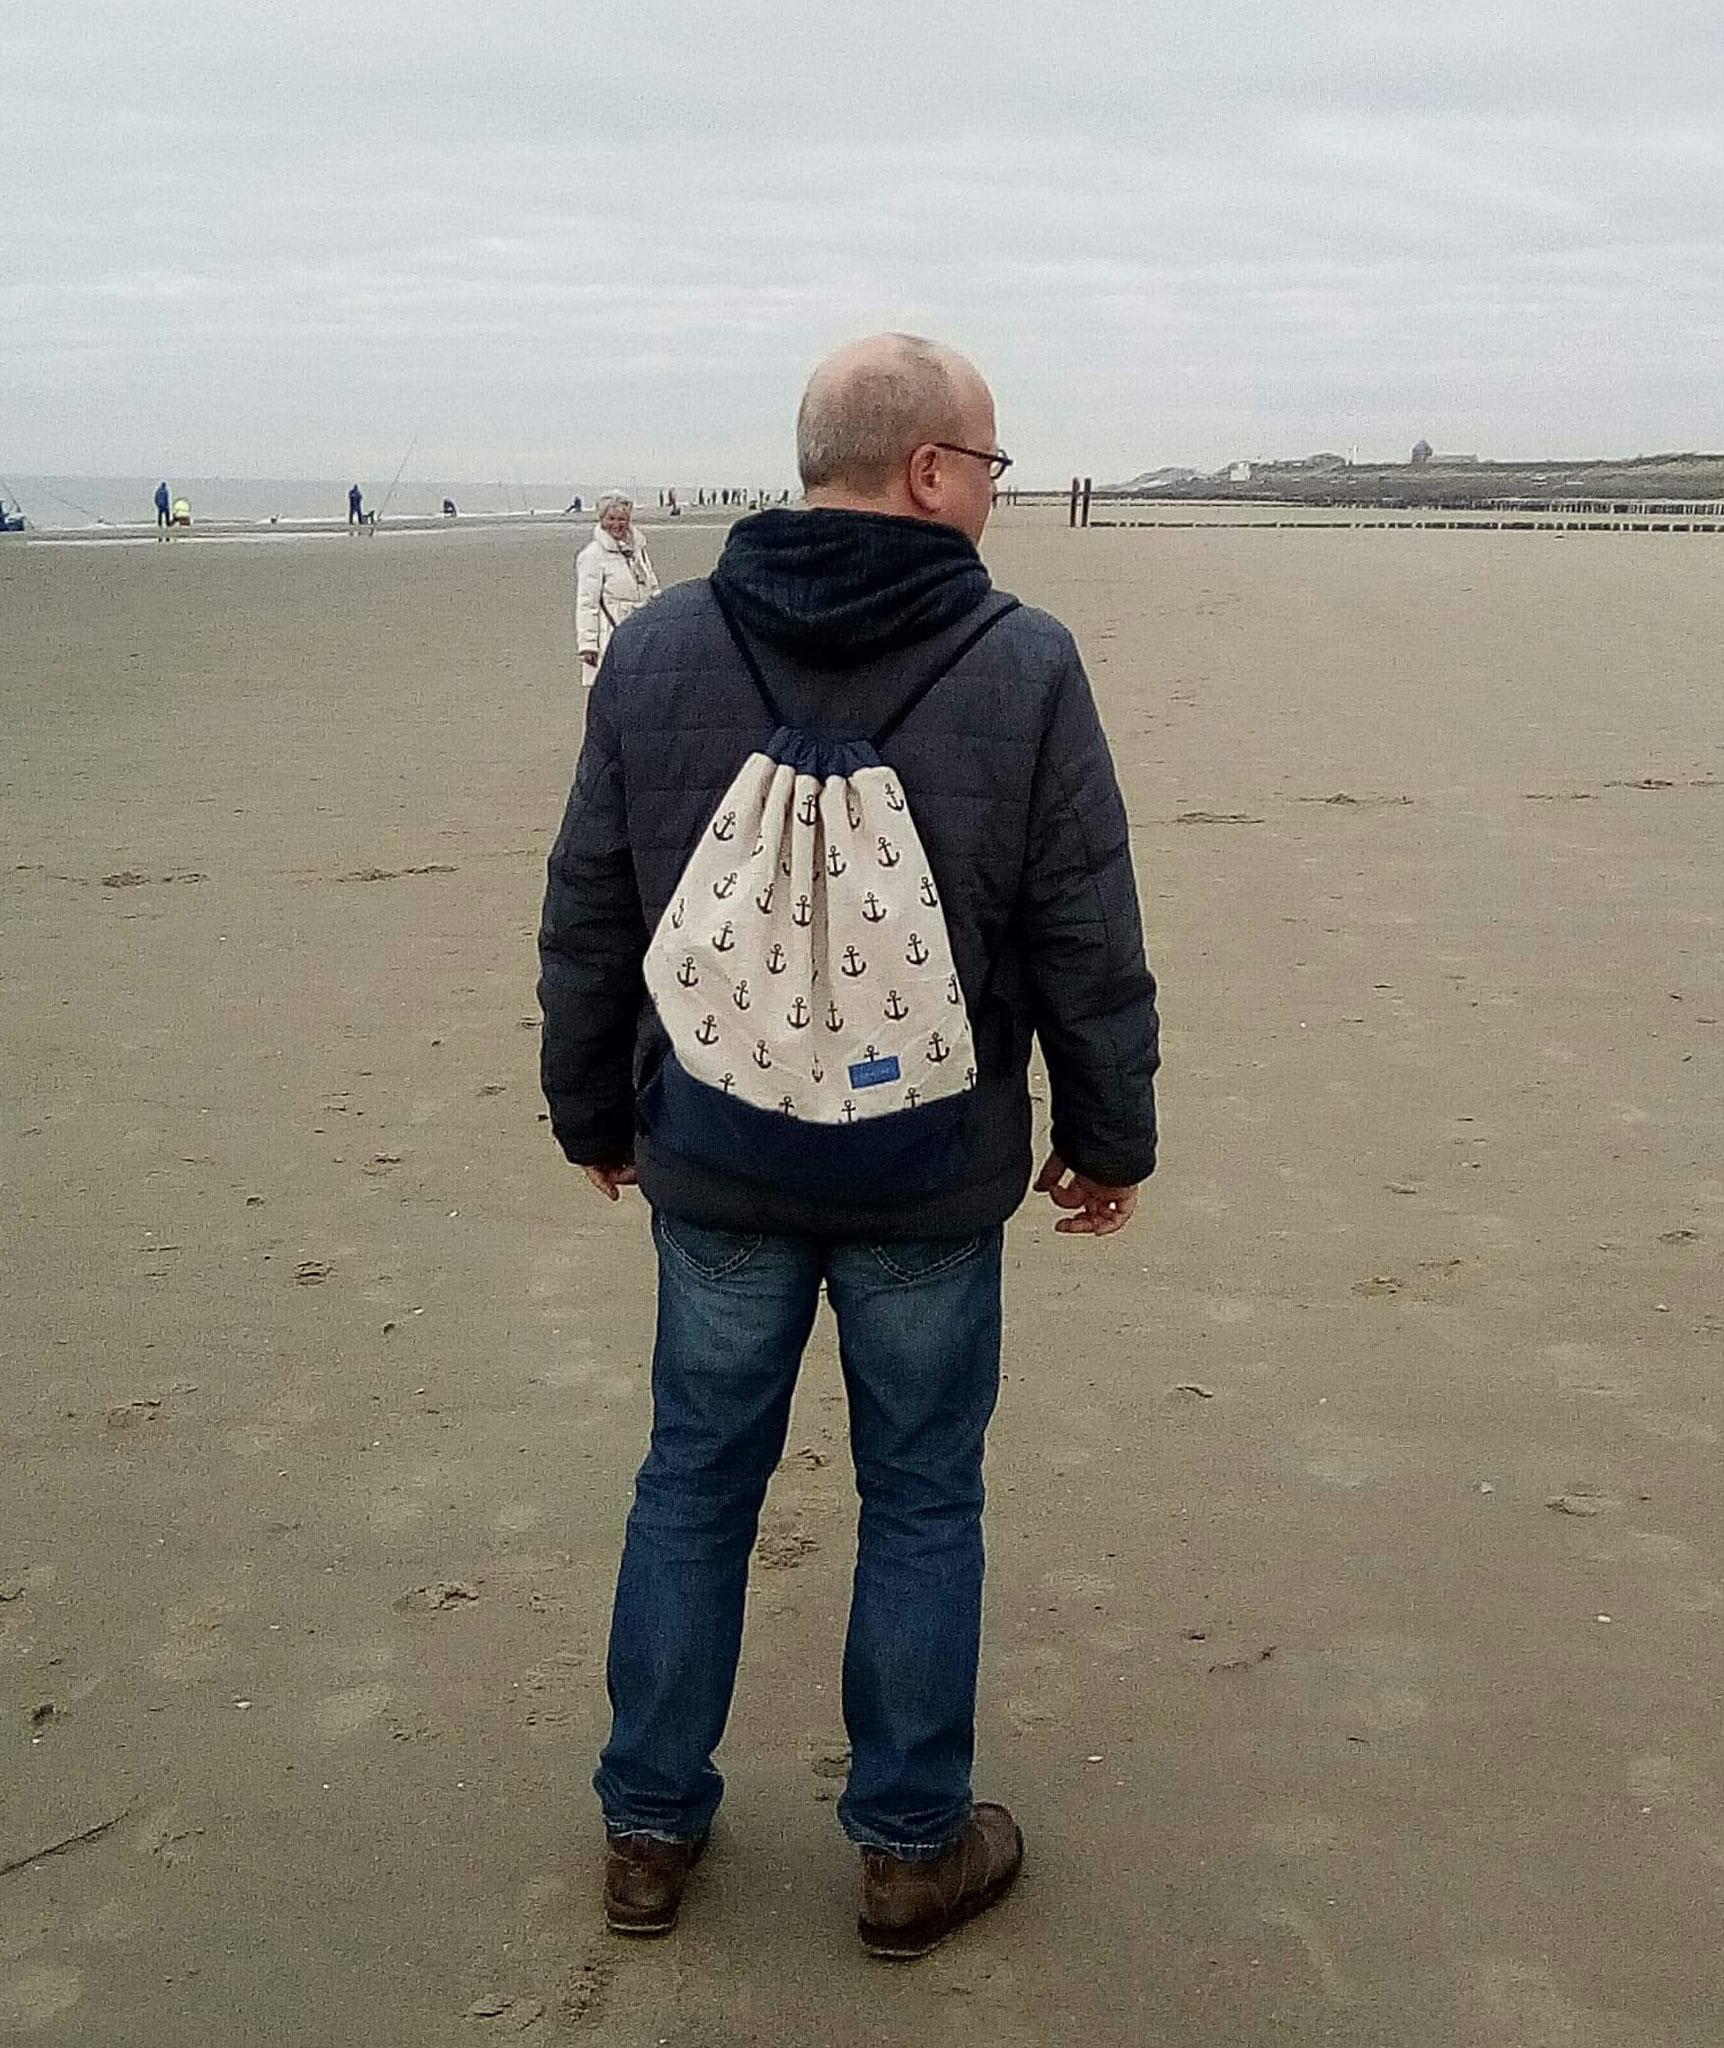 Unterwegs mit Anker-Rucksack in Holland!